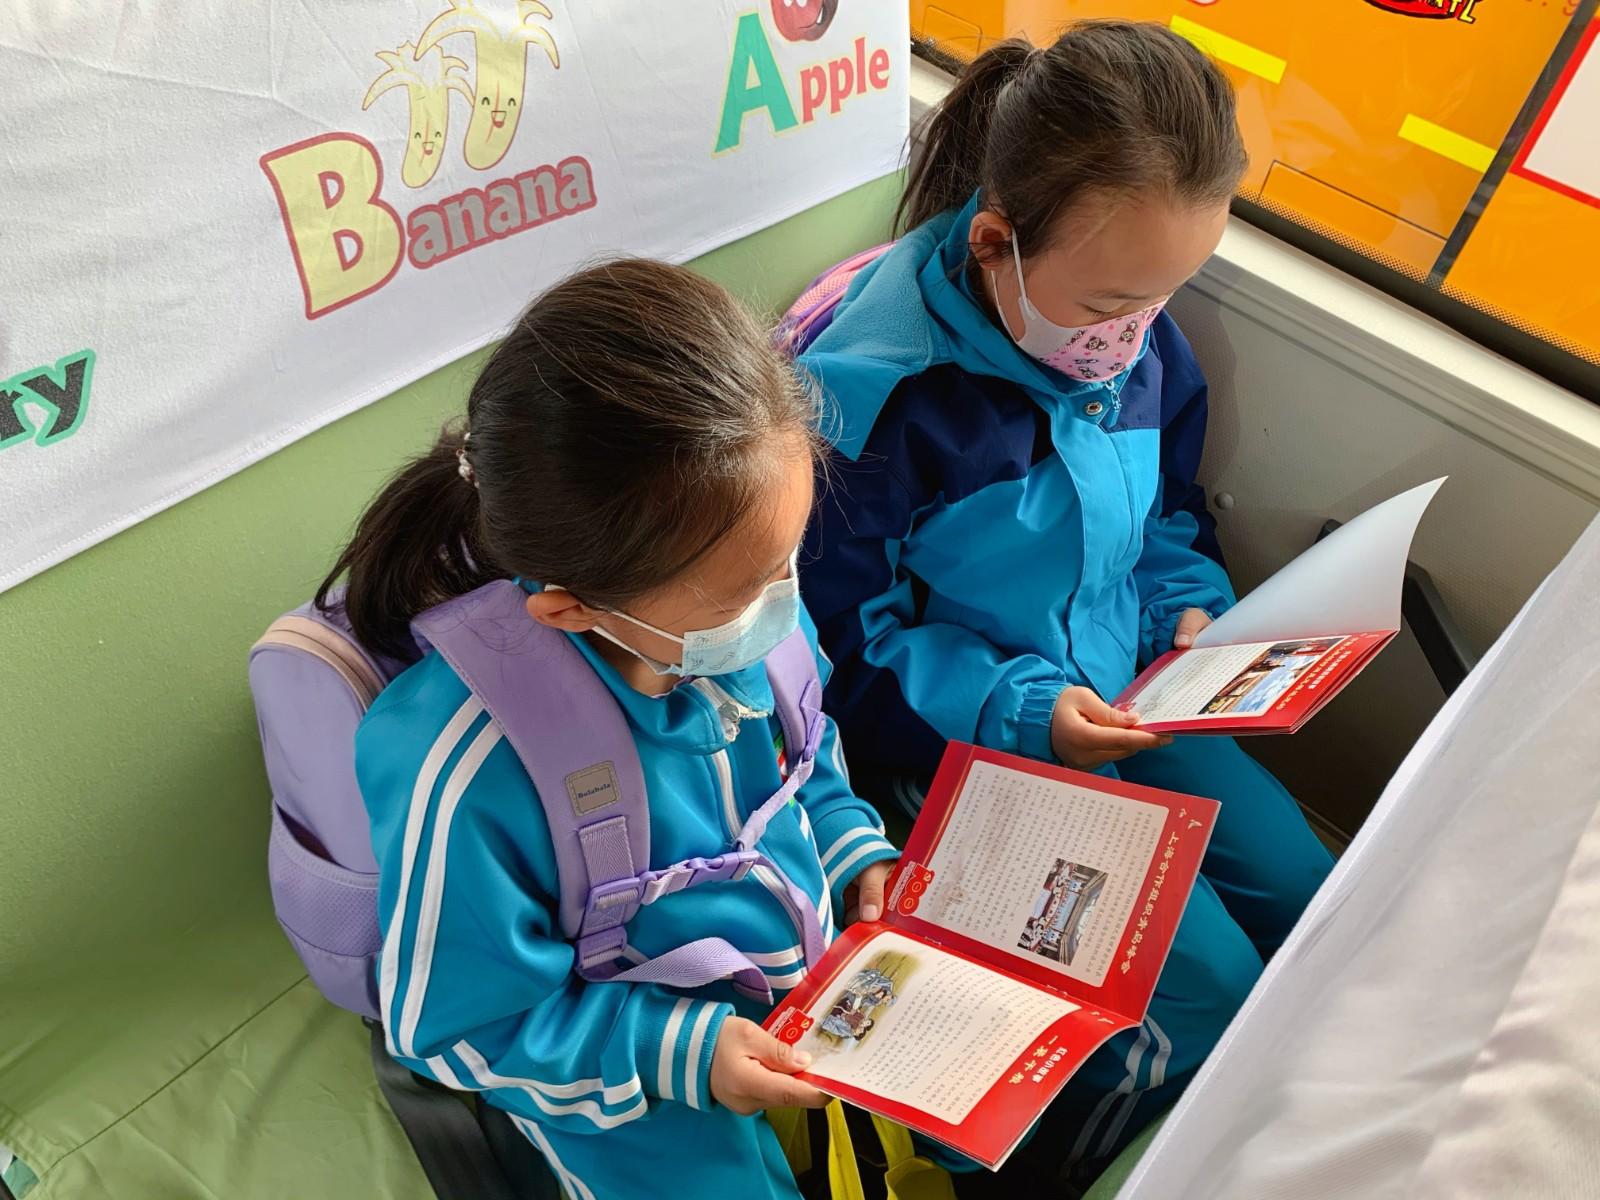 三里河小学学生利用坐班车的时间看红色小故事